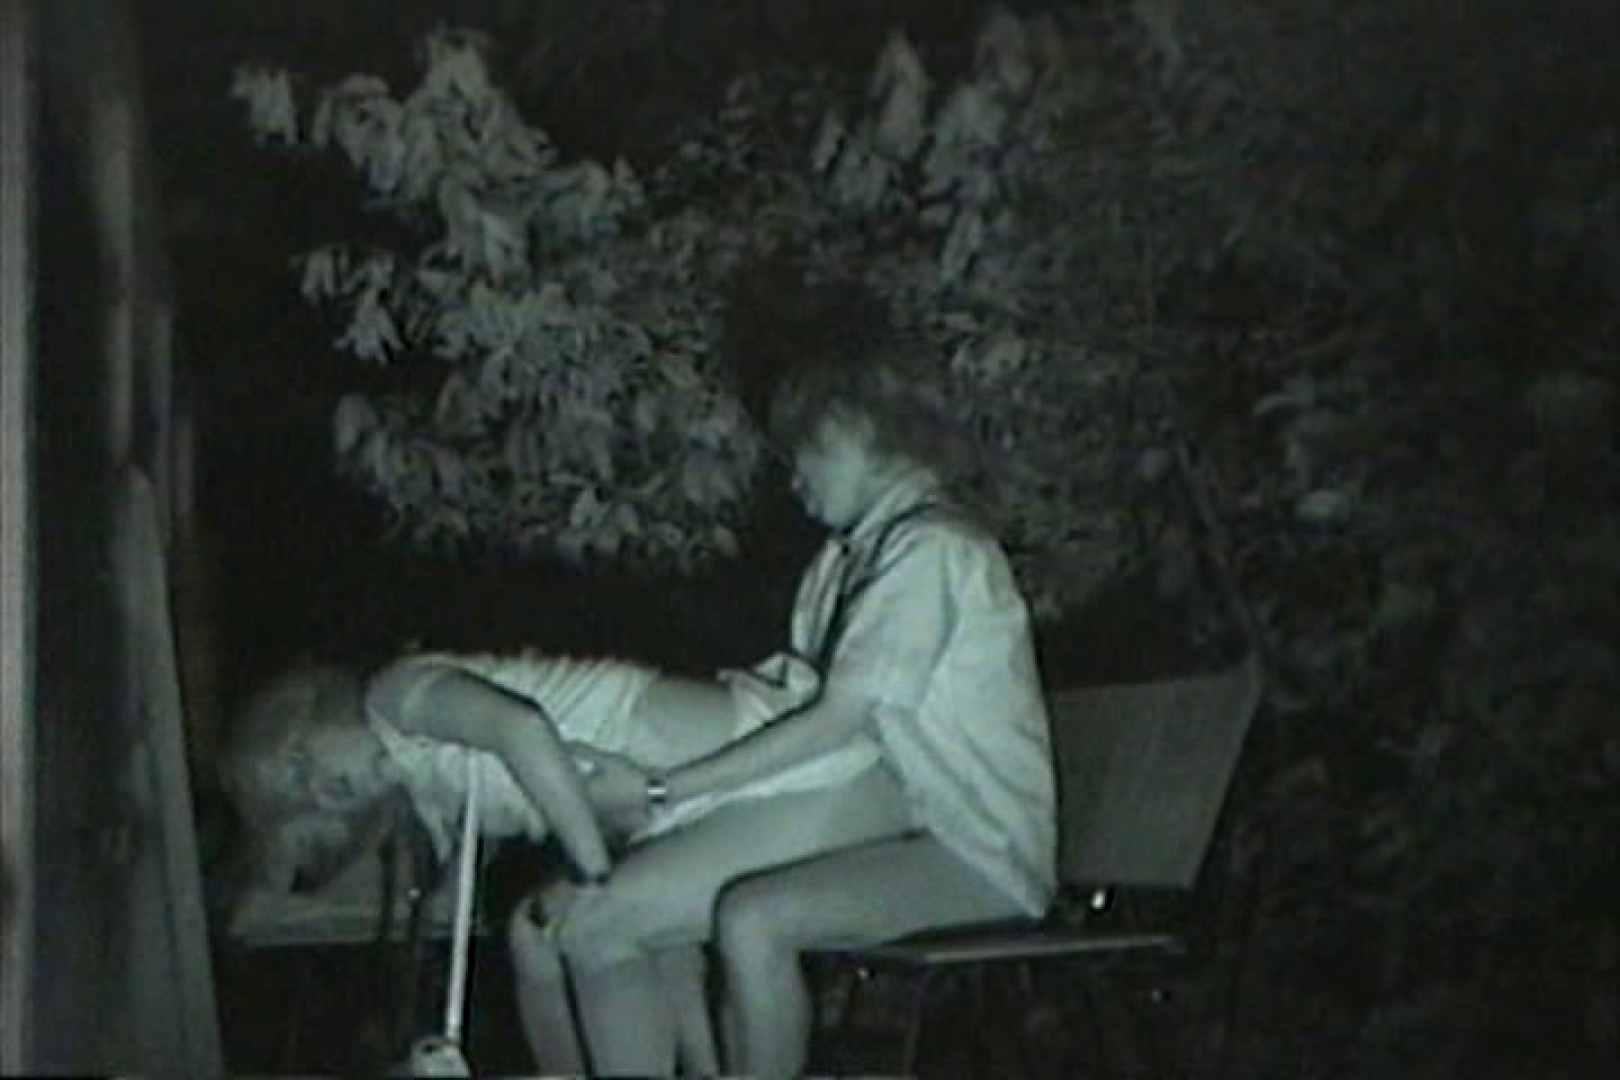 闇の仕掛け人 無修正版 Vol.24 美しいOLの裸体 | セックス  101pic 81